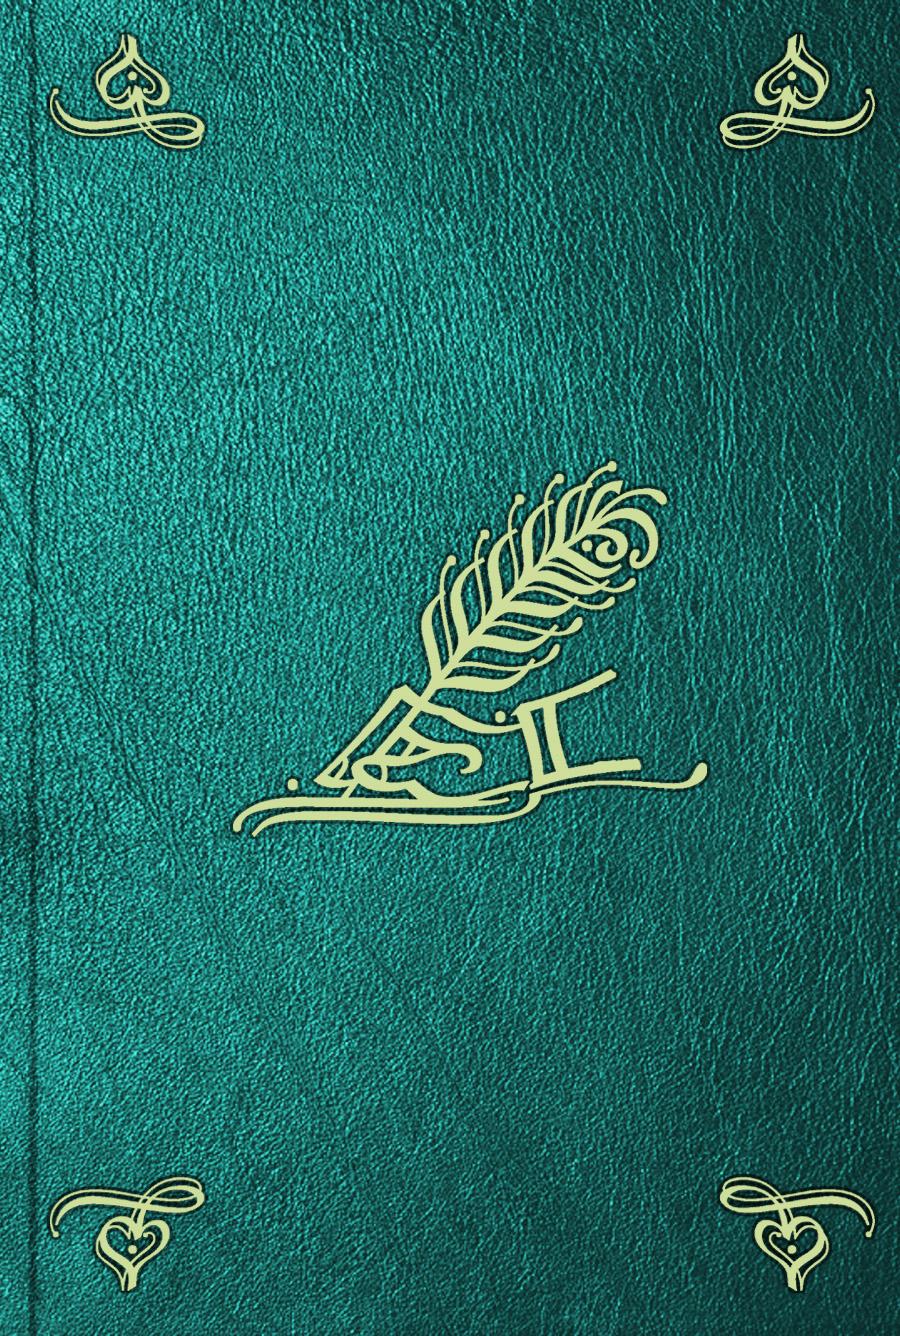 Kaspar von Saldern Biographie Peters des Dritten Kaisers aller Reussen wochenschrift des vereines zur befrderung des gartenbaues in den kniglich preussischen staaten fr grtnerei und pflanzenkunde